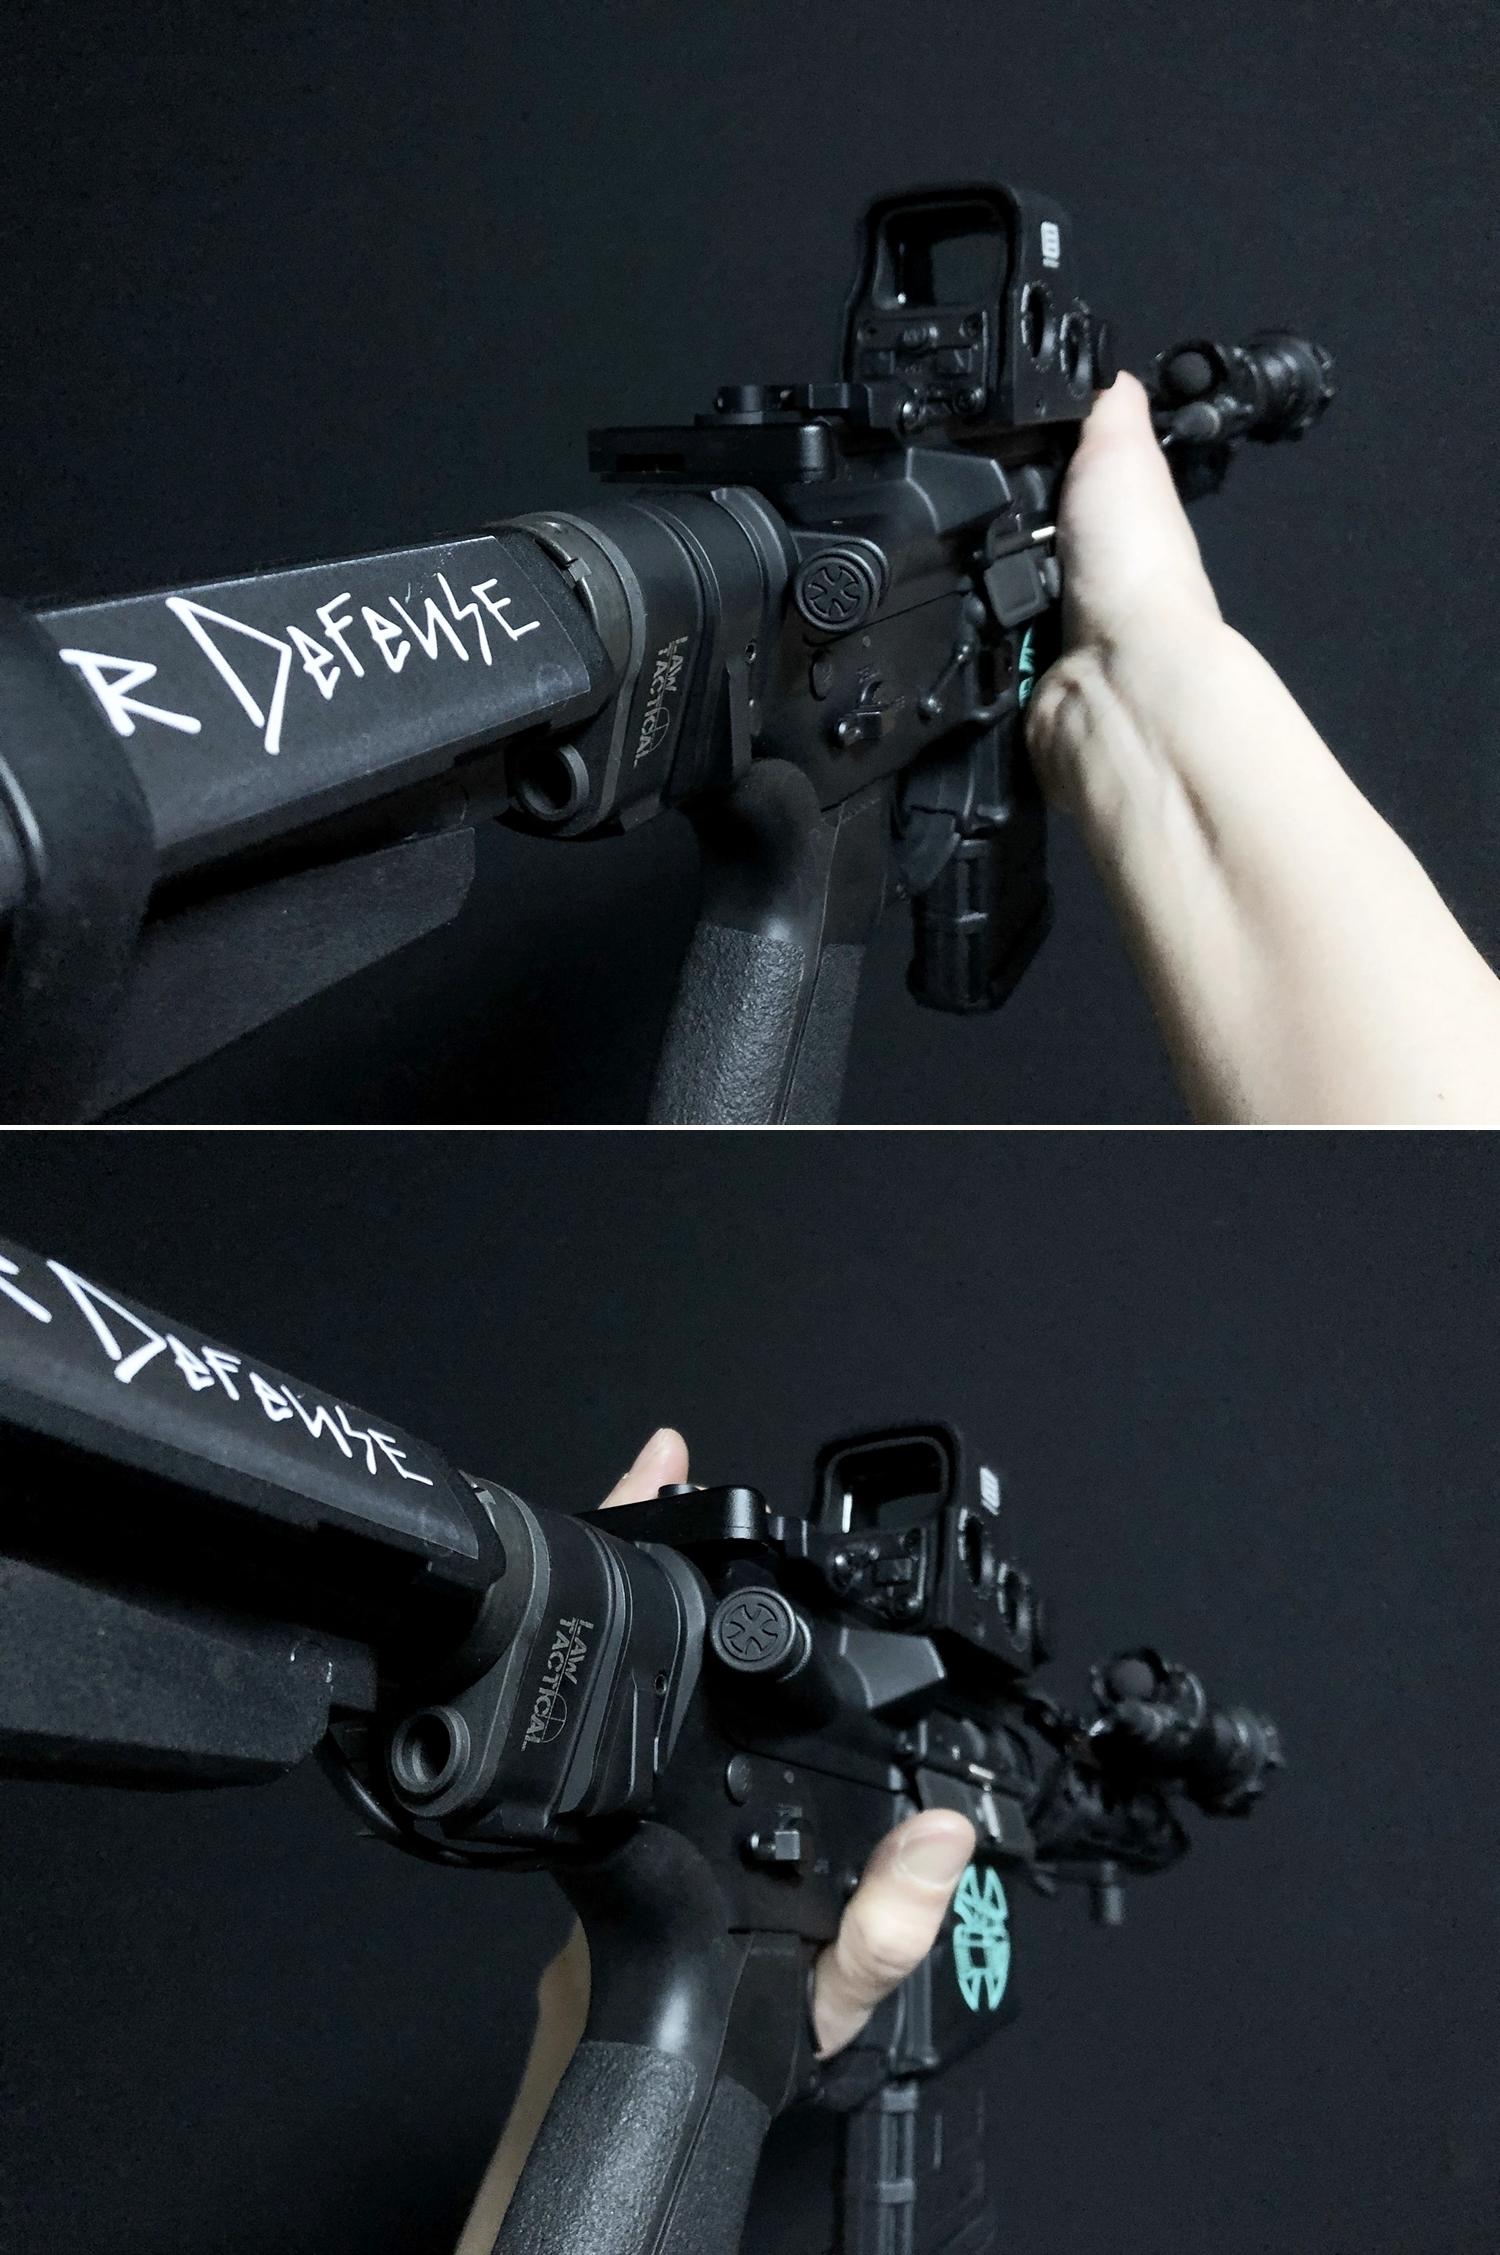 22 実物 NOVESKE MARKED FORWARD ASSIST KIT!! 次世代 AR-15 HILOG M4 N4 プチ DIY カスタム編!! フォワードアシストノブ フォアードアシスト!! 3D DIY 購入 加工 取付 交換 レビュー!!